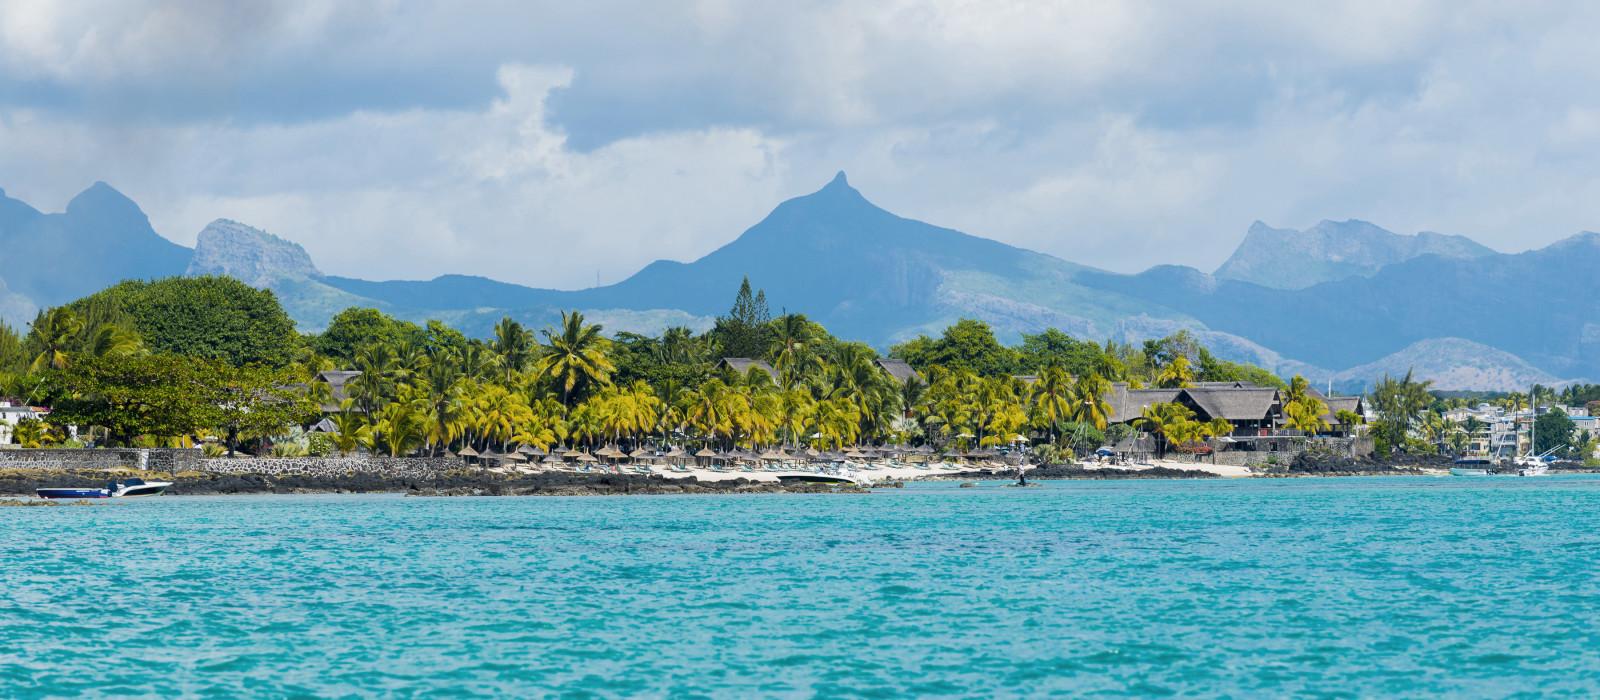 Tropische Wasser- und Badeort auf der Insel Mauritius